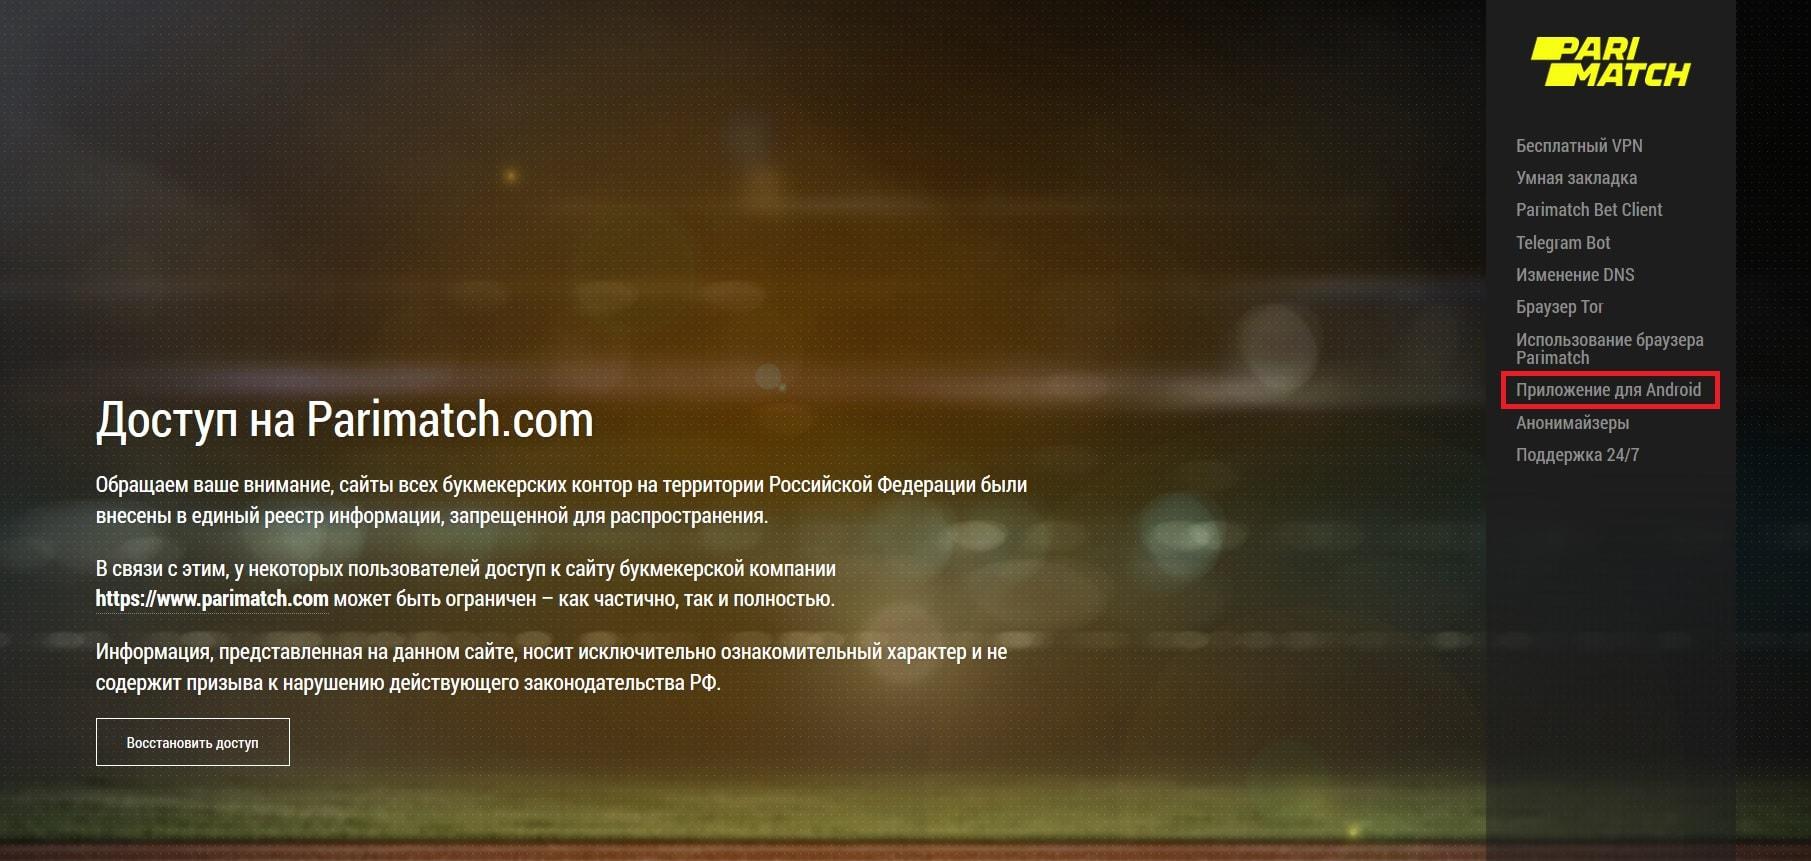 Вкладка приложение для Android на Parimatch.com